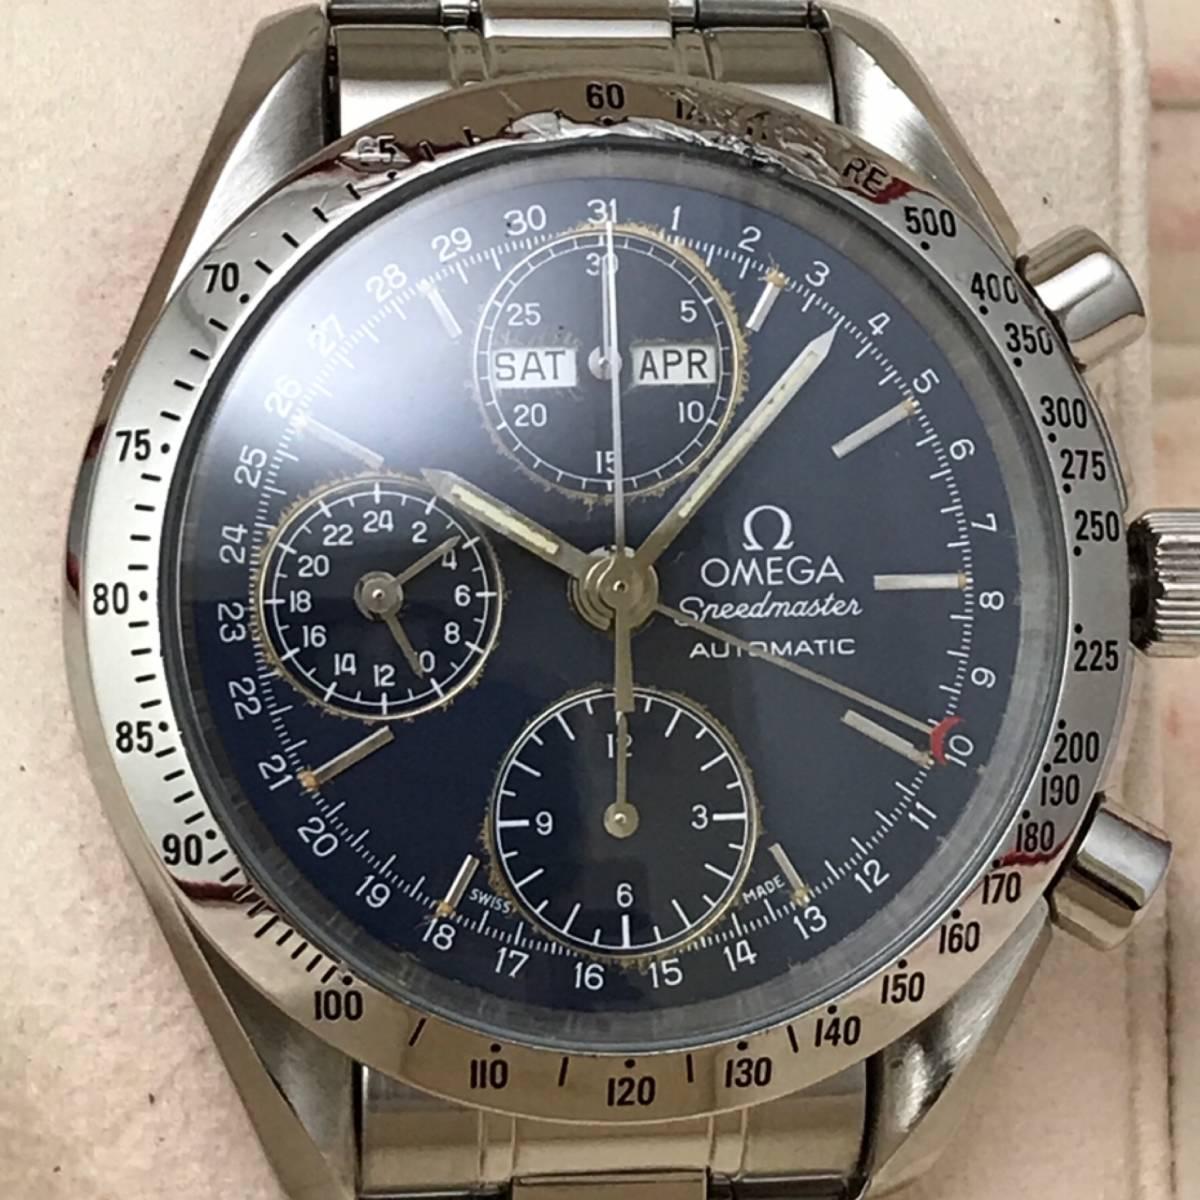 付属品、ベルト2種付き☆OH済み美品のオメガ・スピードマスター・時計・トリプルカレンダ